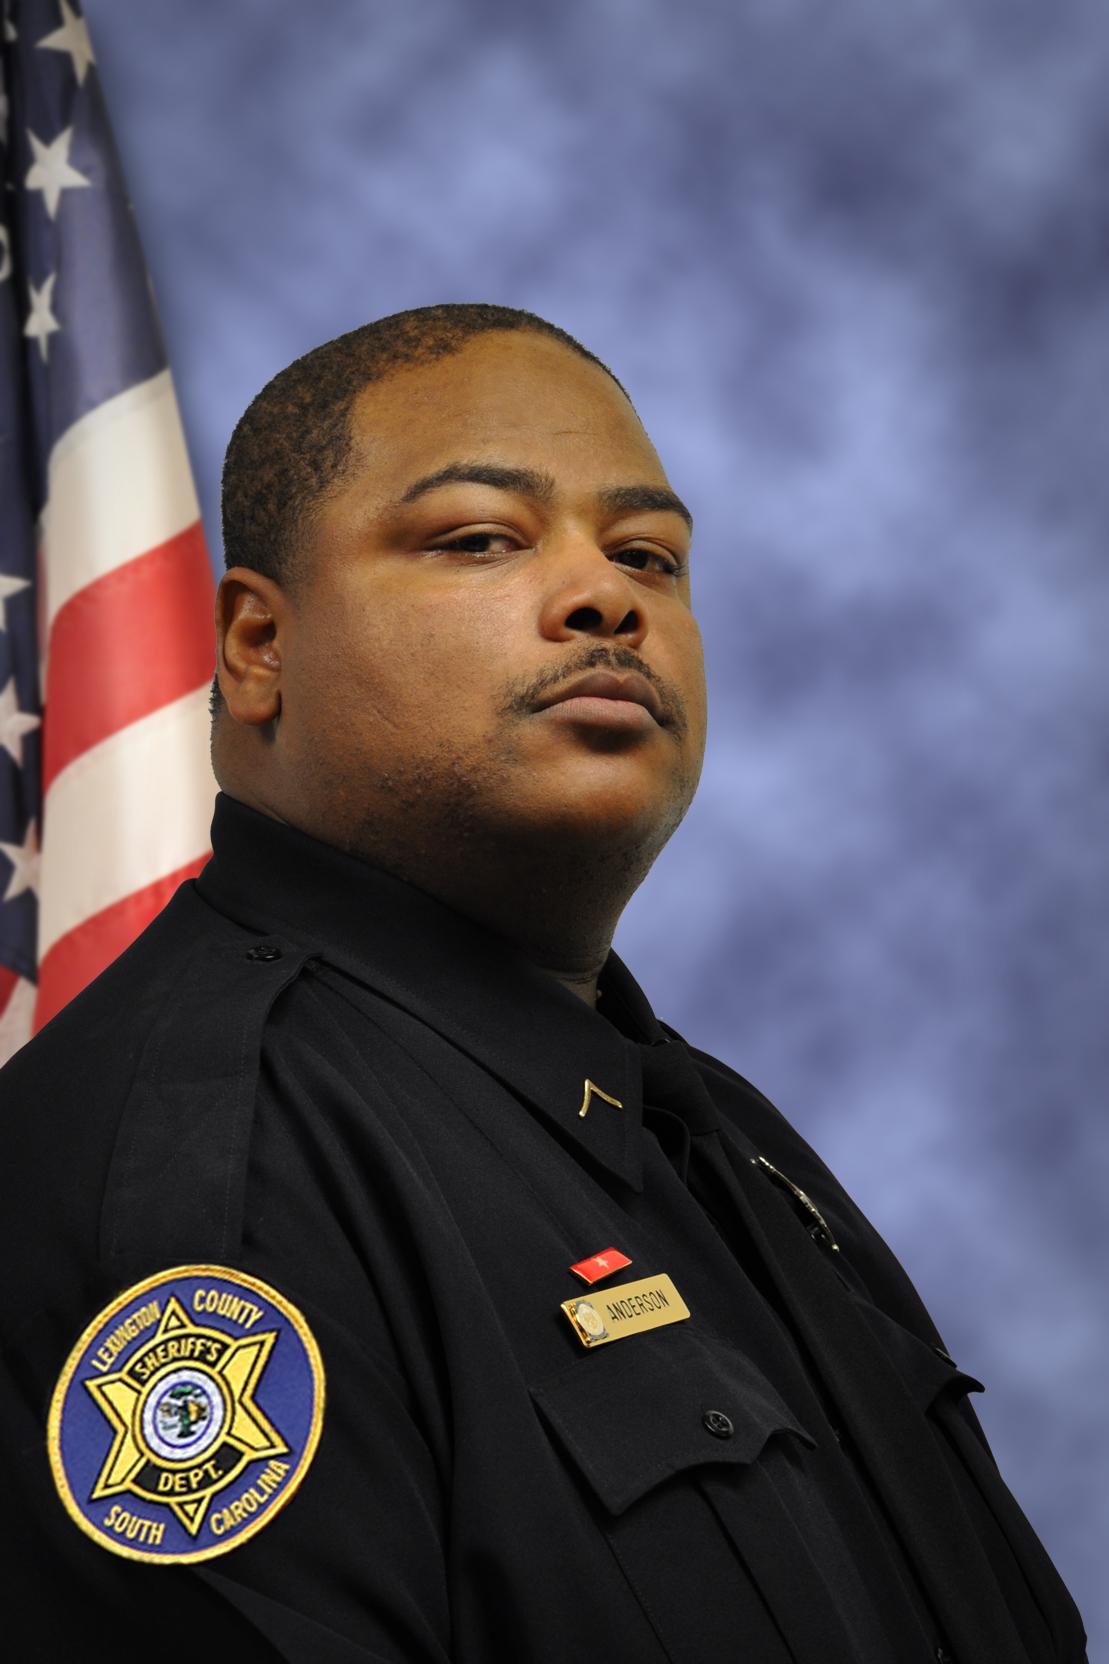 Lexington County Sheriff's Department announces promotions